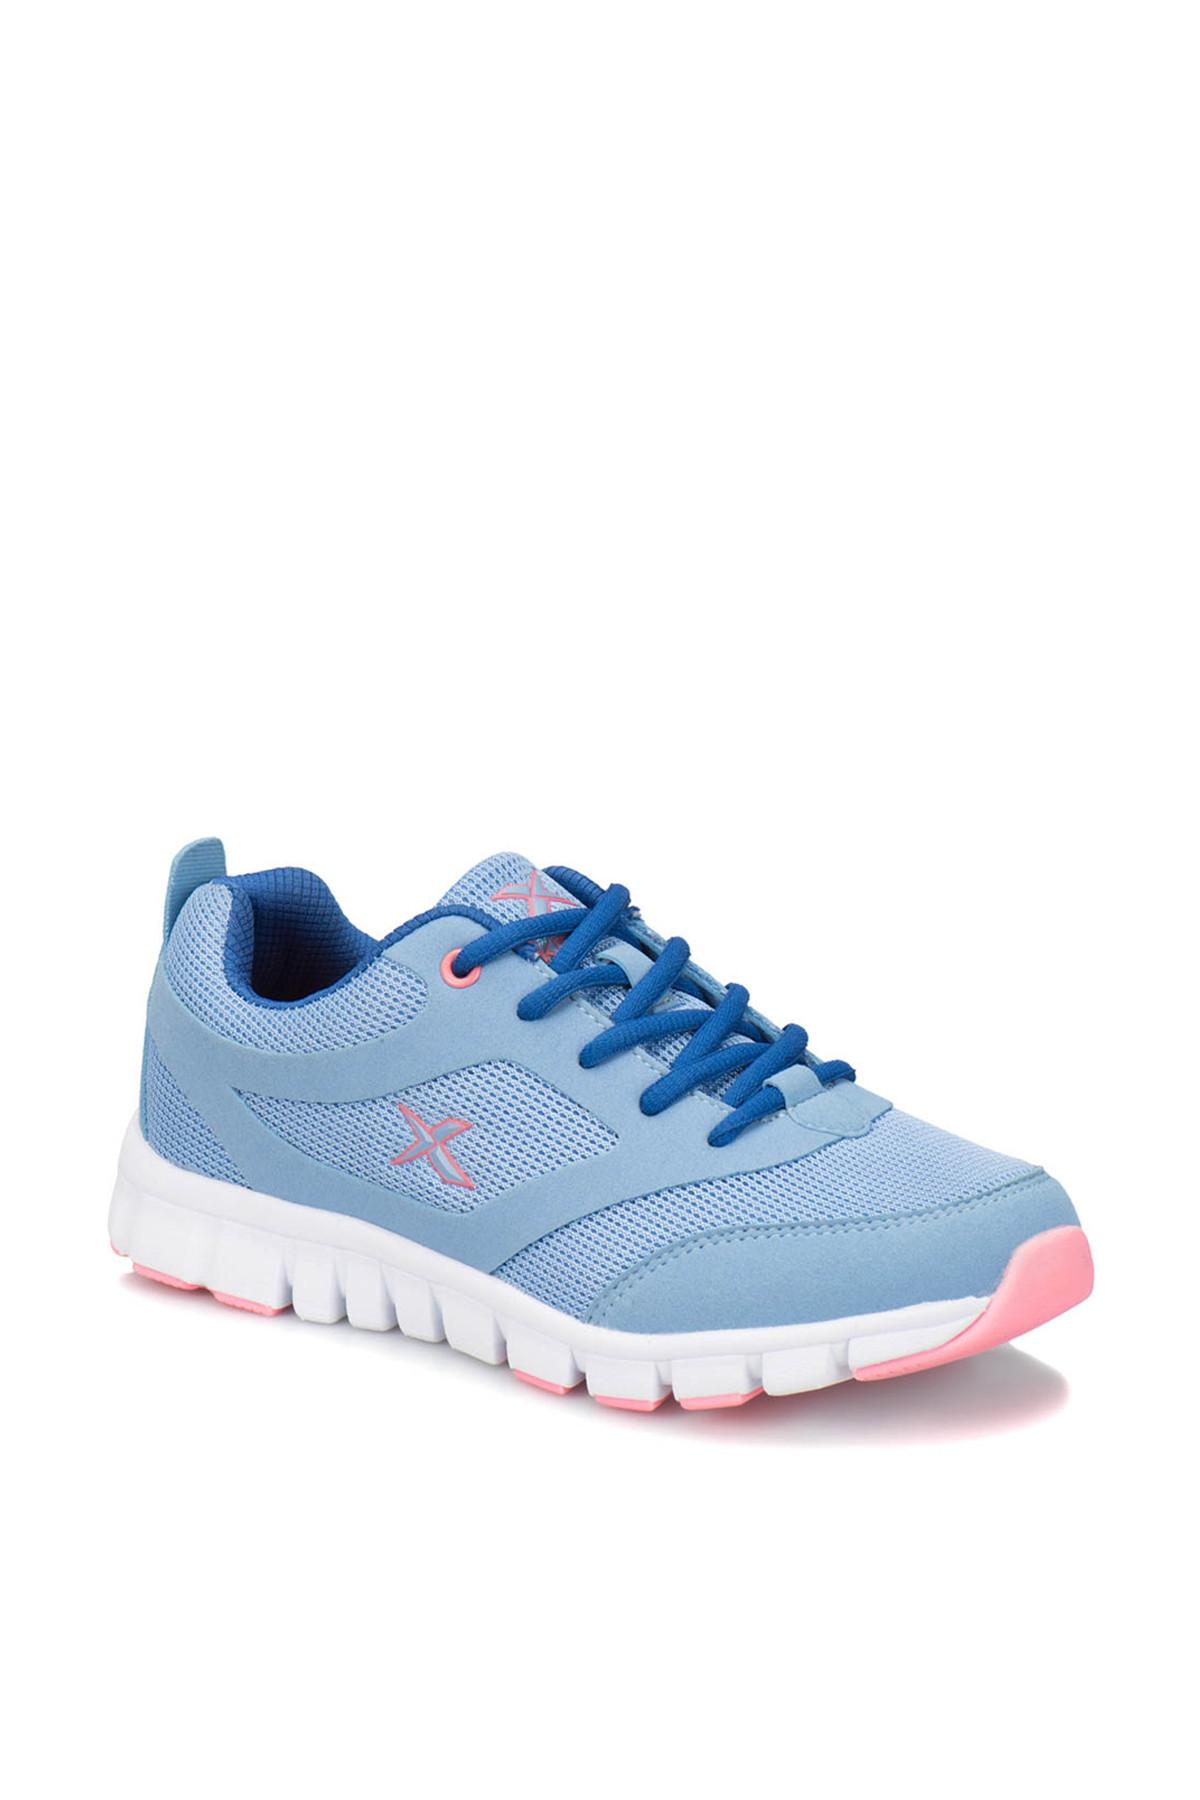 Kinetix ALMERA W Açık Pembe Açık Mavi Beyaz Kadın Fitness Ayakkabısı 100232783 1